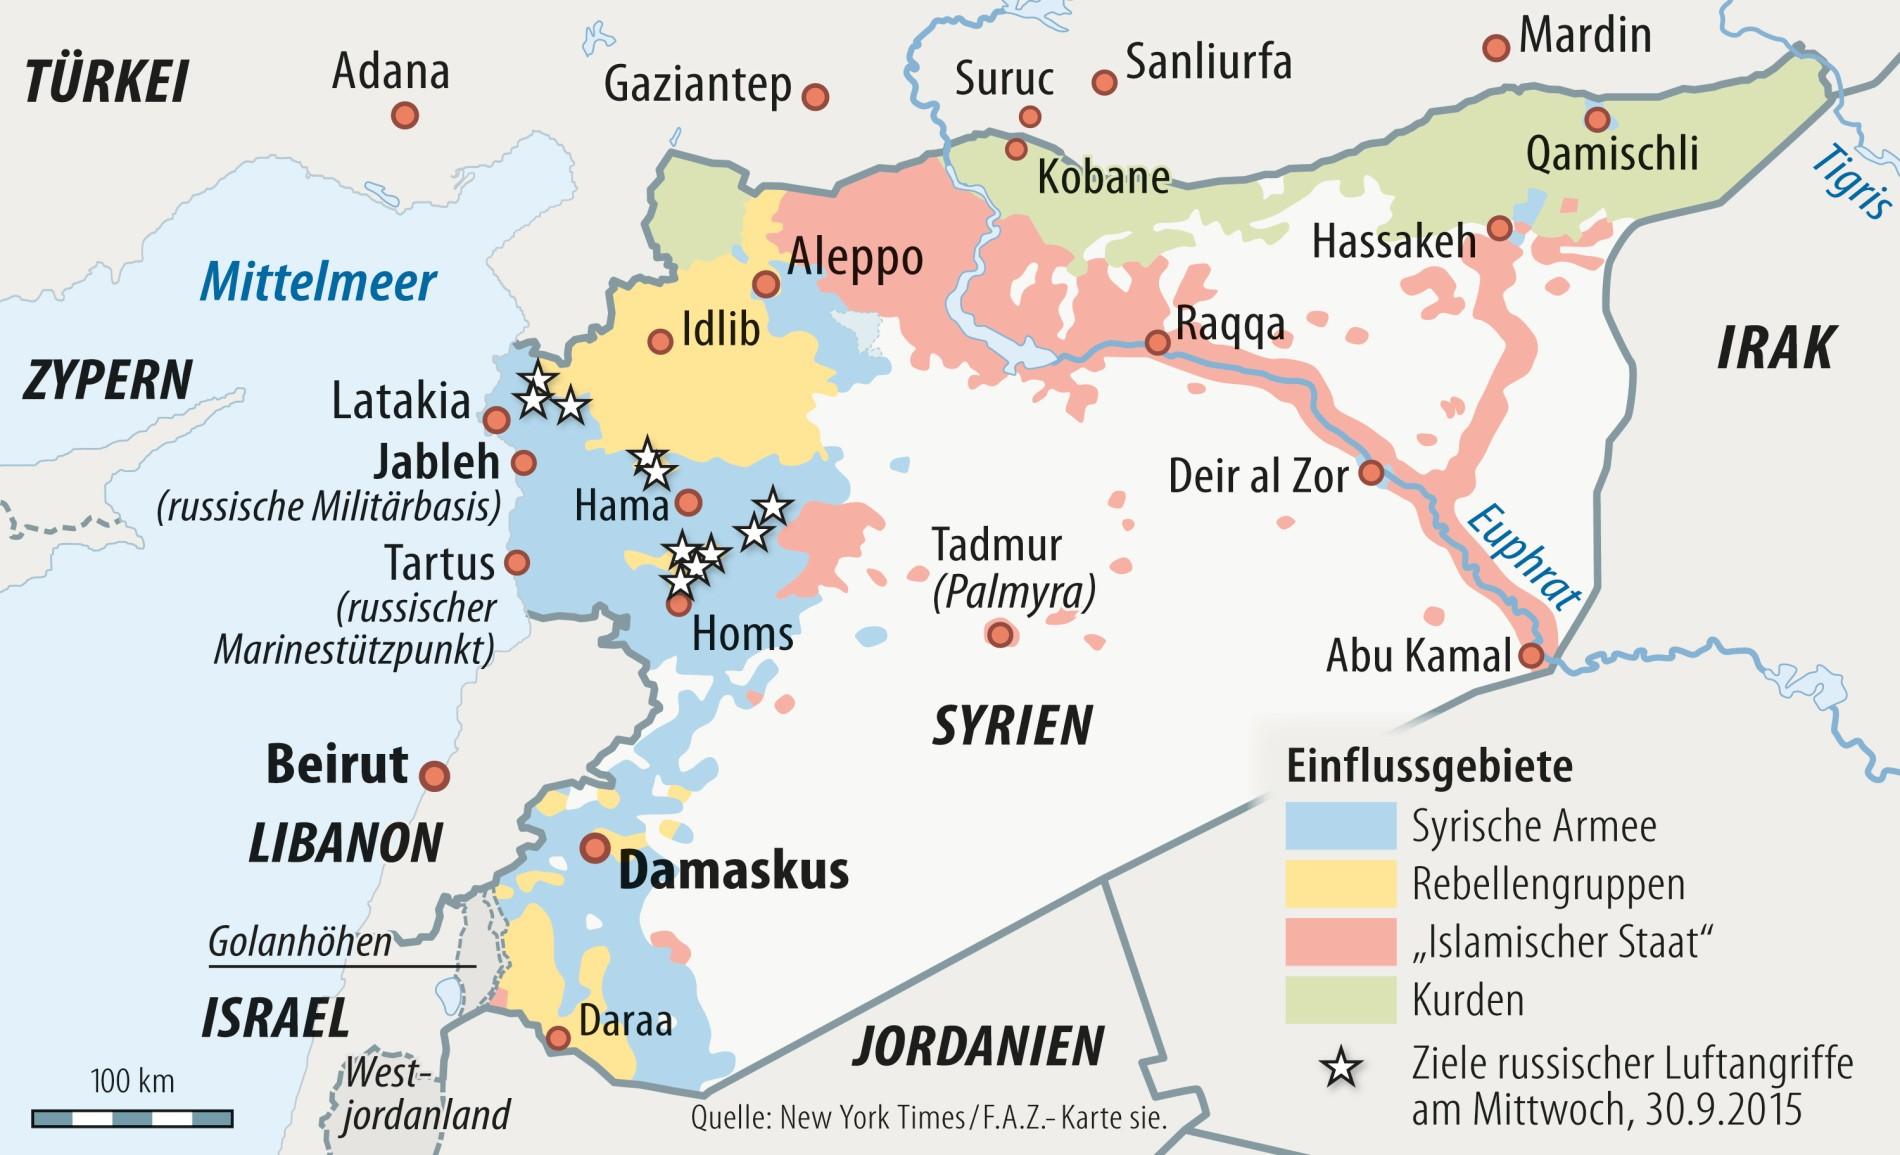 Syrien Karte Krieg.Rolf S Griechenland Blog Krieg In Syrien öl In Ein Höllenfeuer